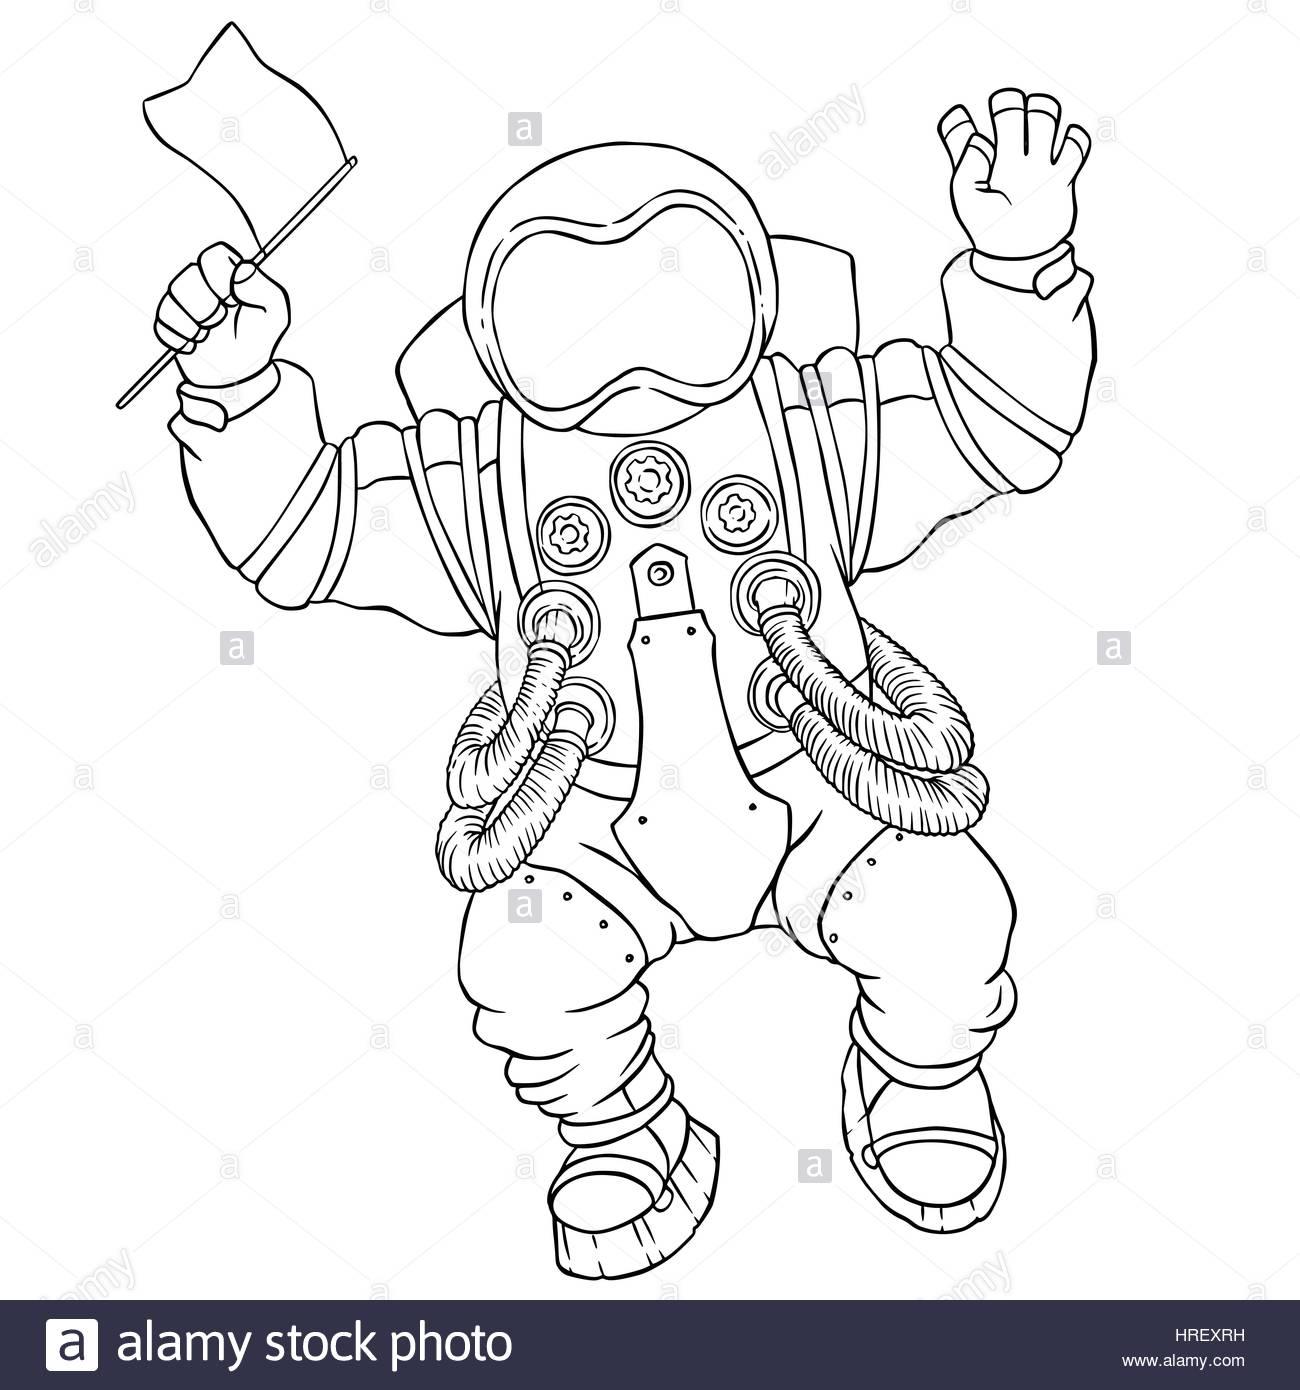 Ausgezeichnet Astronaut Malvorlagen Ideen - Druckbare Malvorlagen ...